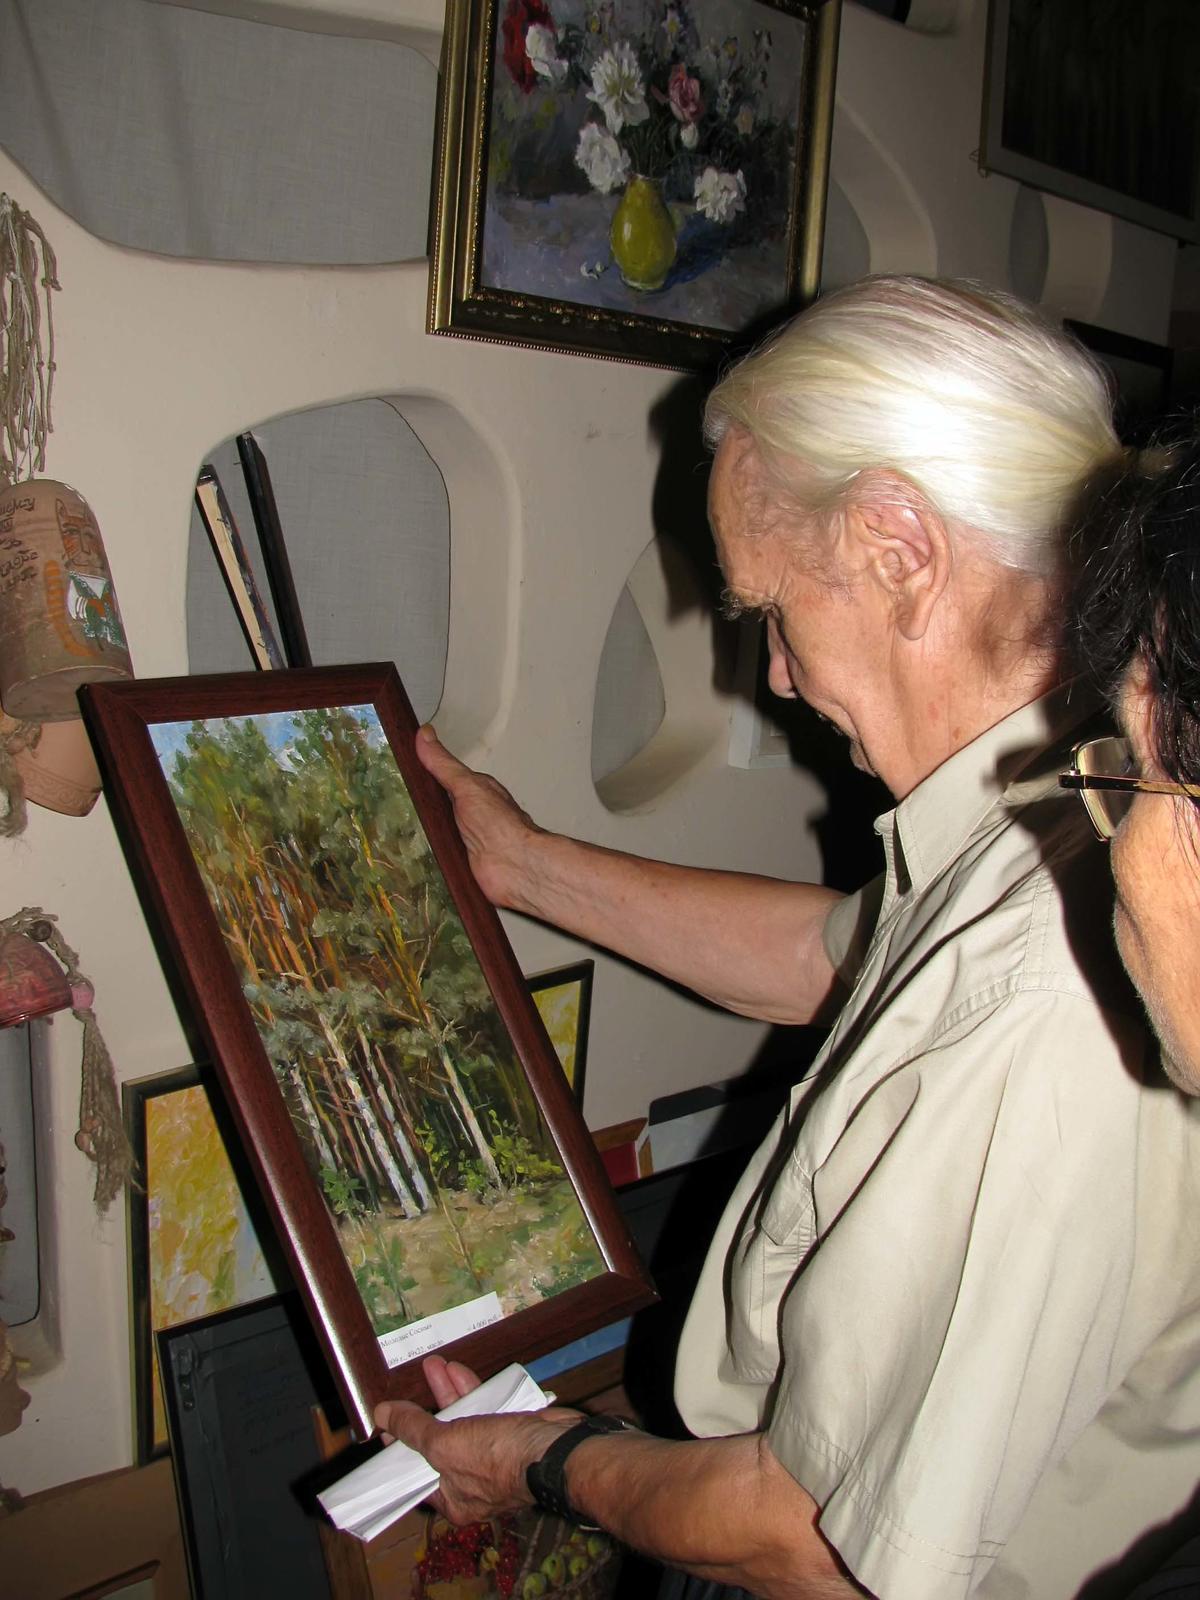 Фото №58456. Владимир Кочунов показывает картину из серии ''Лес''